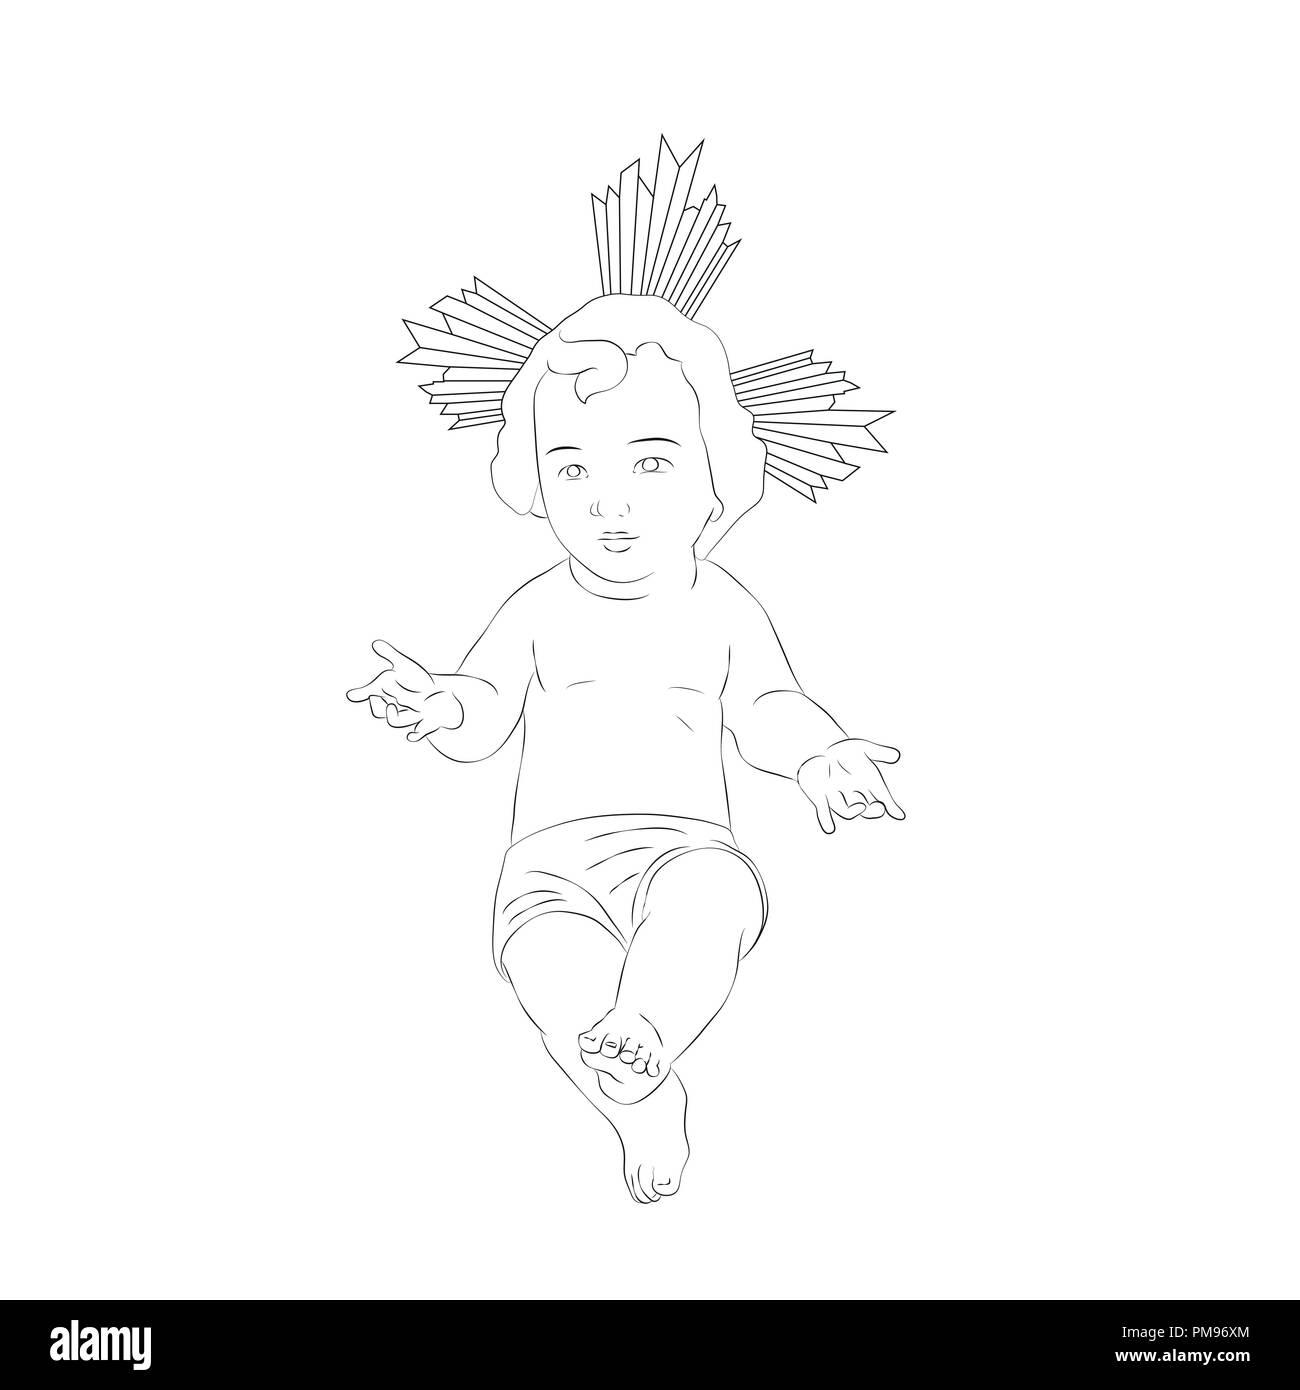 Immagine Di Gesù Bambino Disegno Della Natività Bianco E Nero